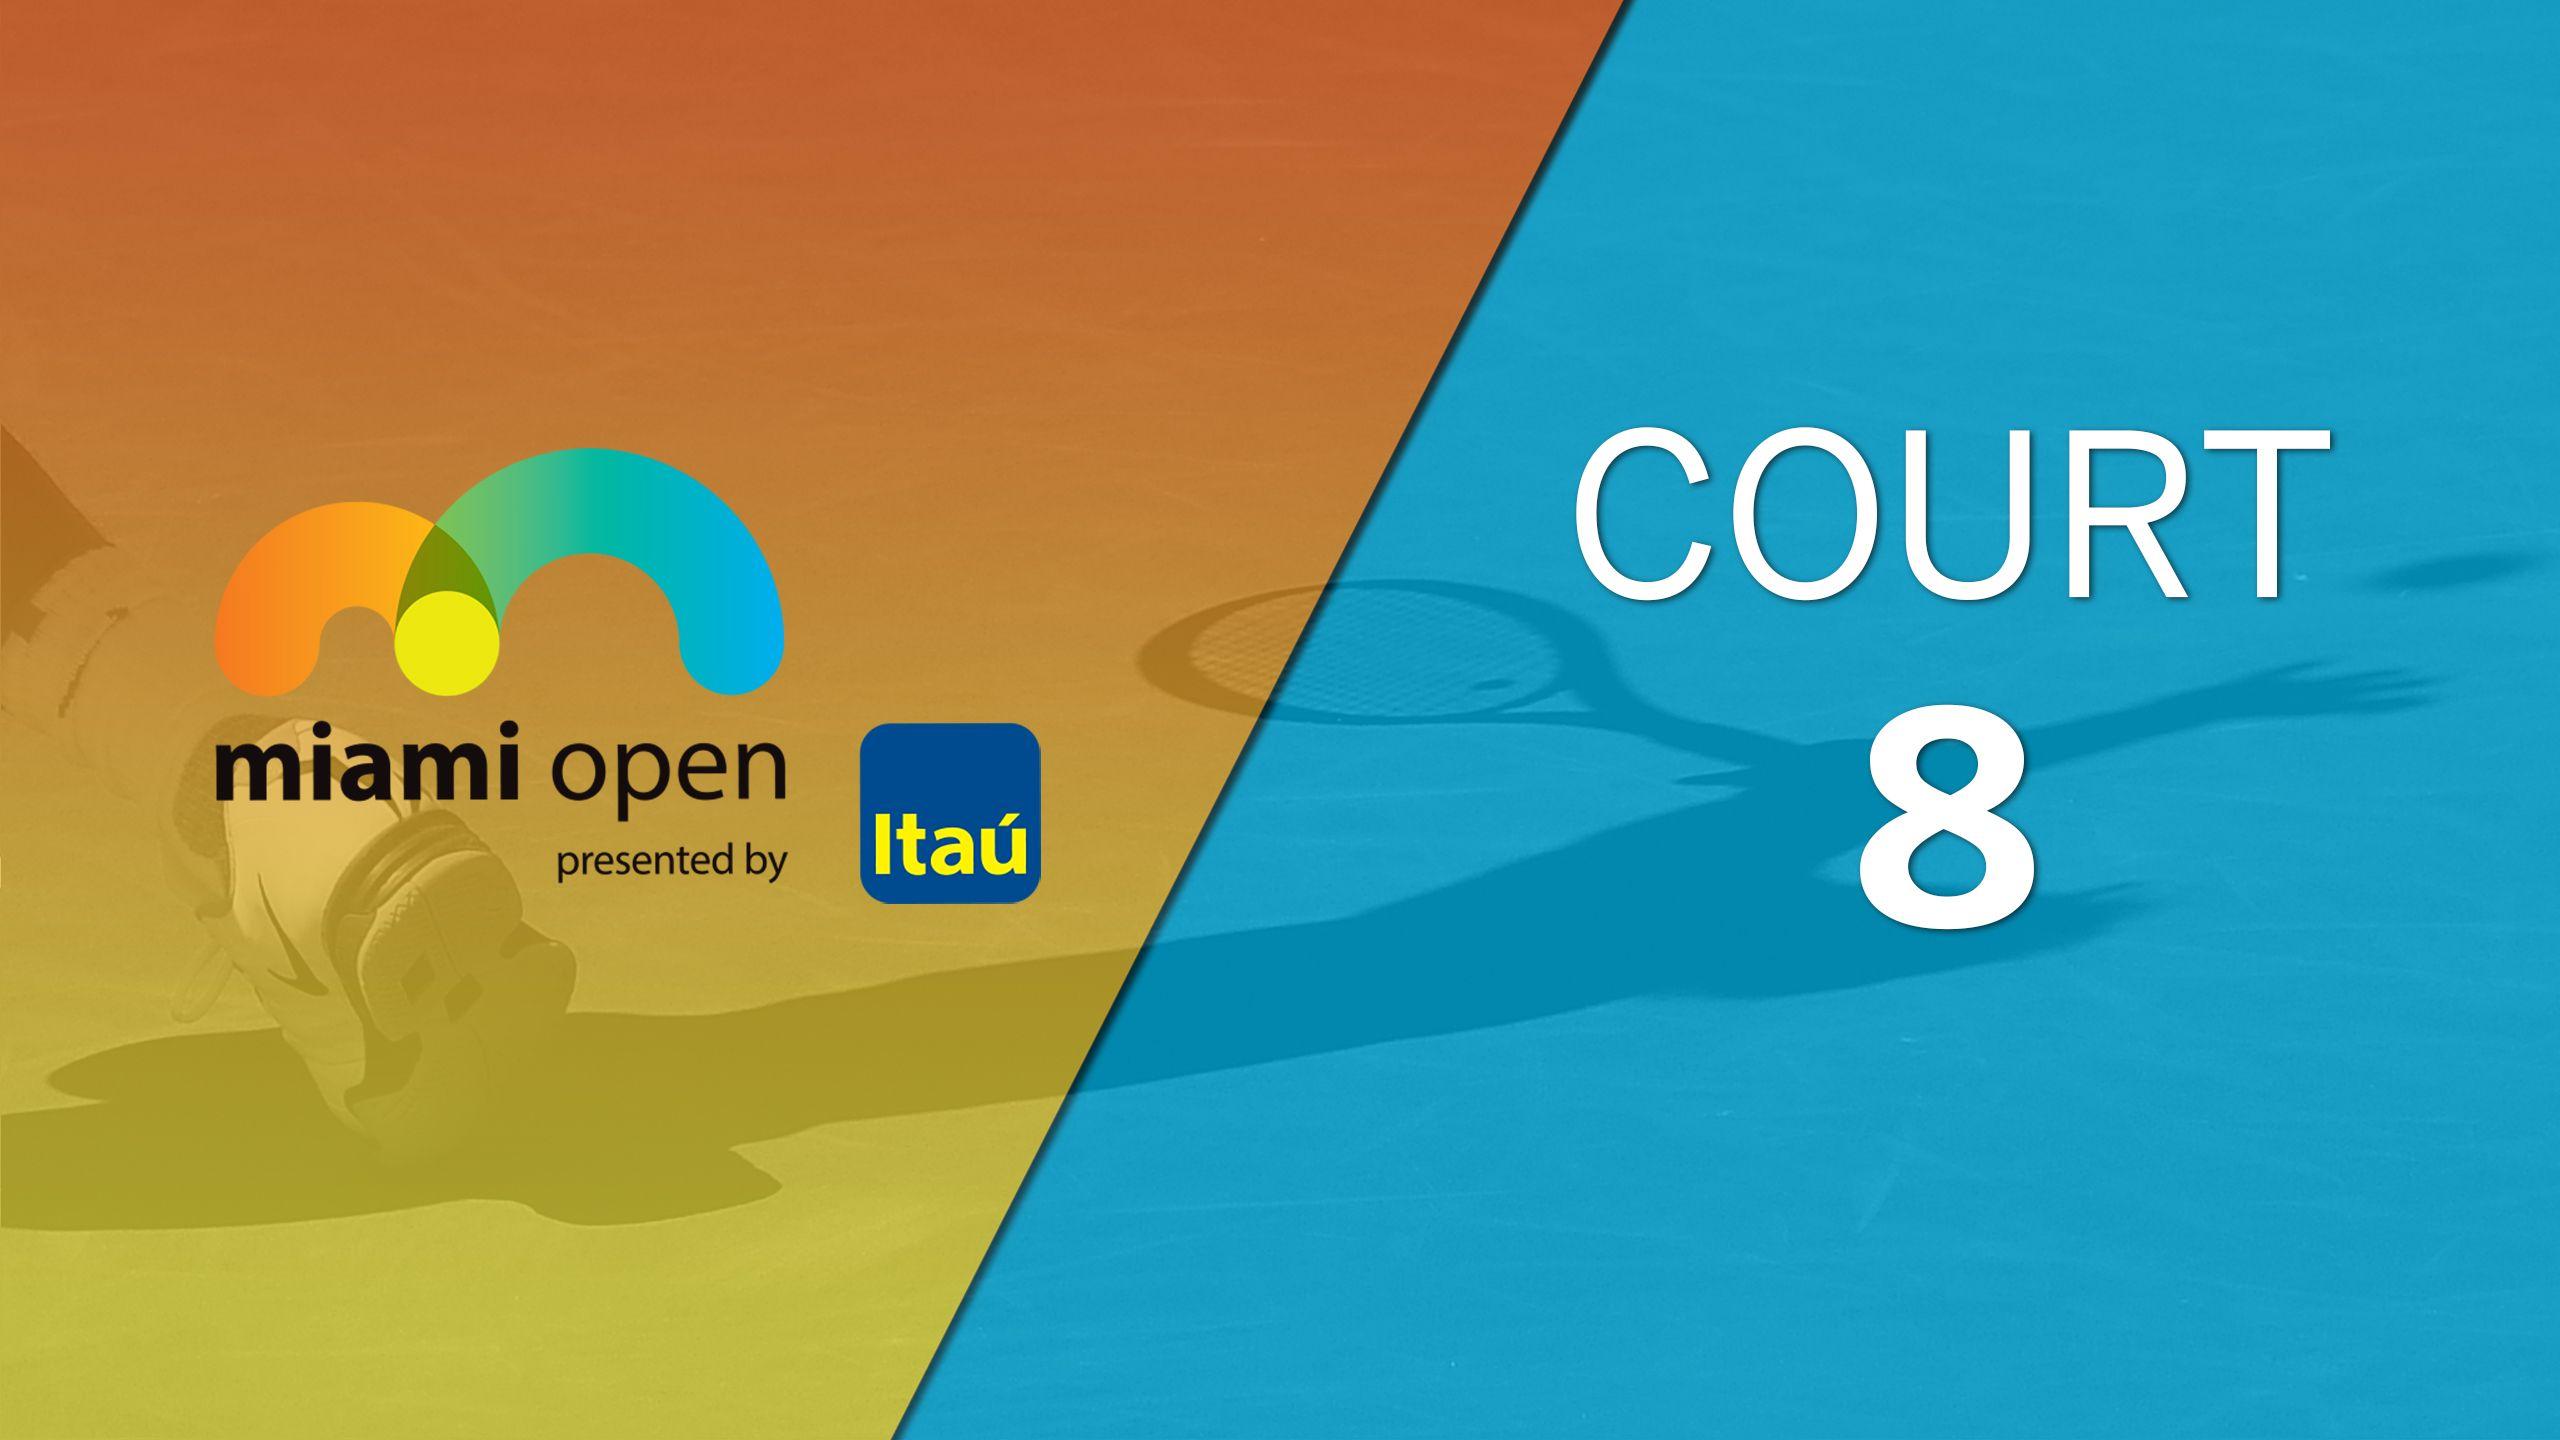 Miami Open - Court 8 (First Round)